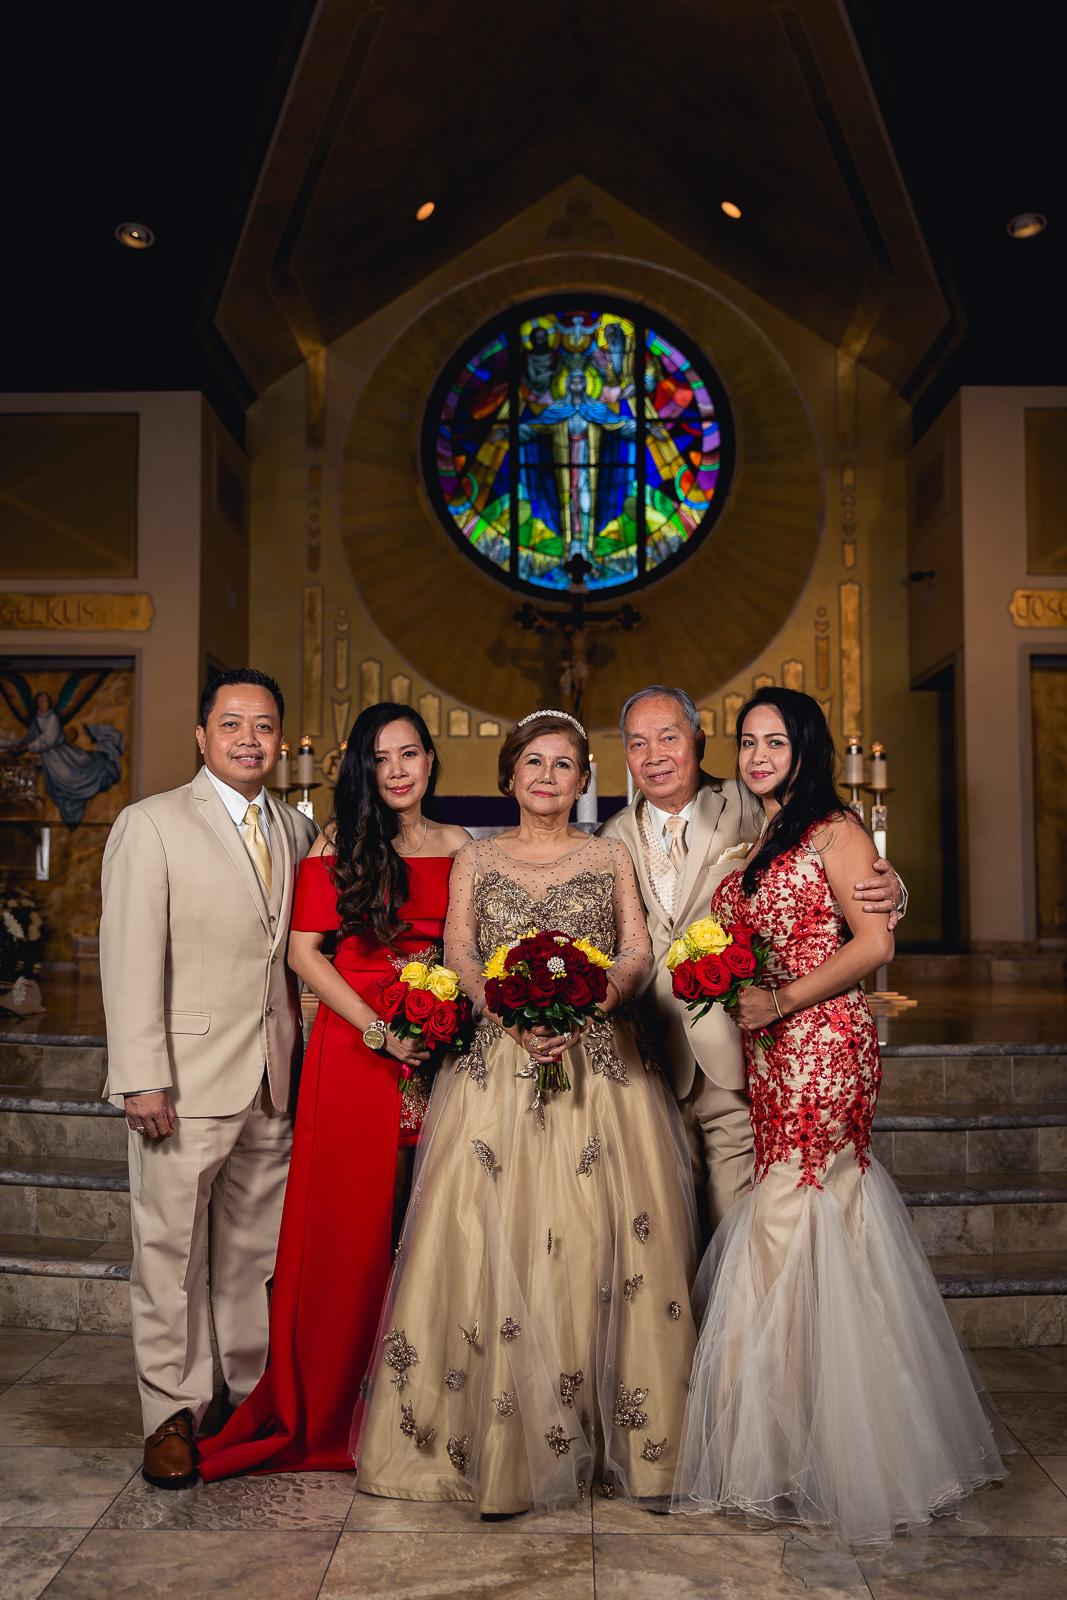 Olmedilla-Wedding-Anniversary-14.jpg